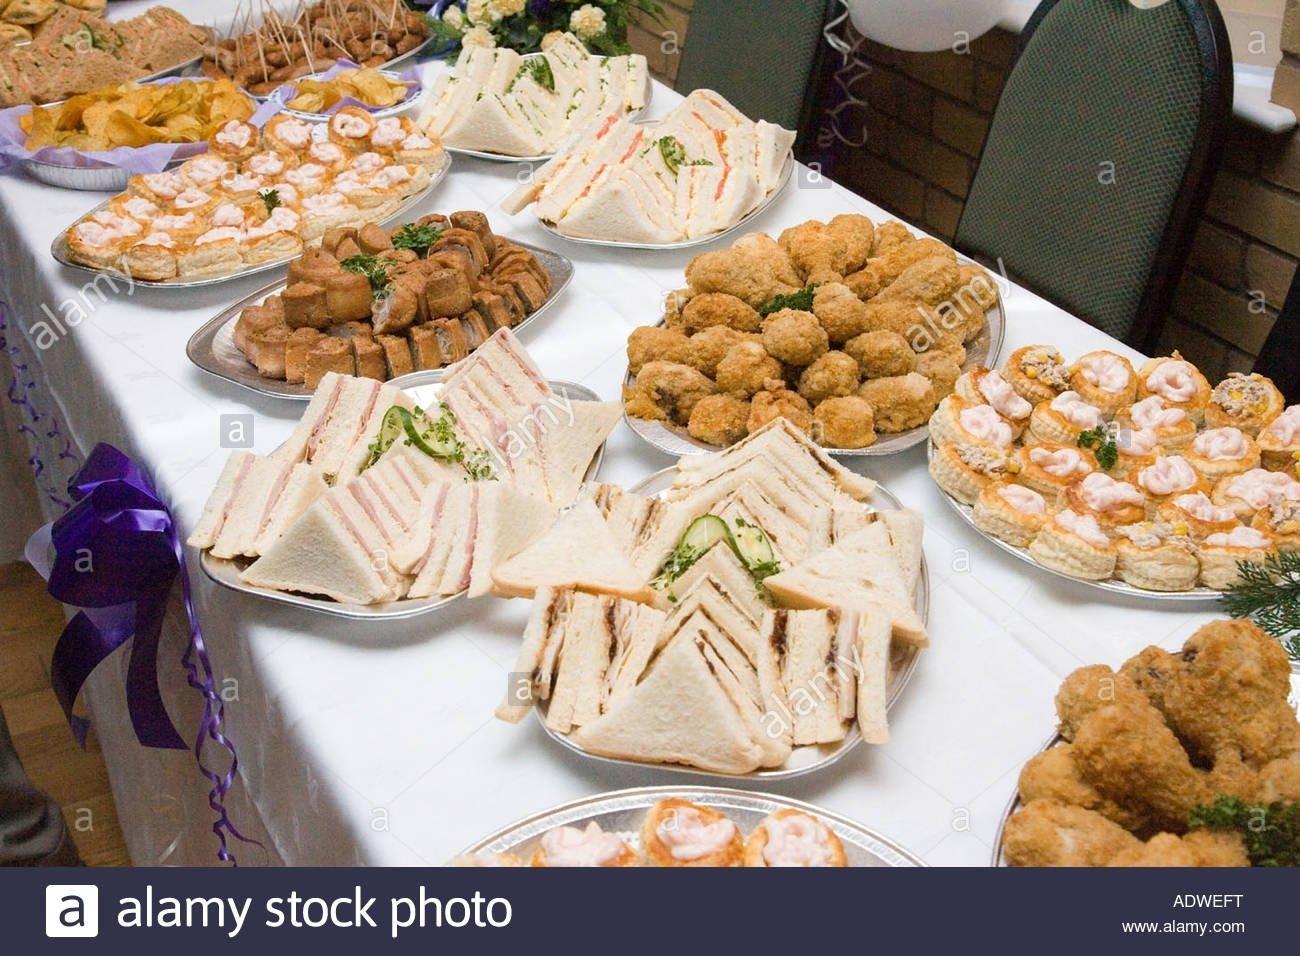 10 Beautiful Food Ideas For Wedding Reception